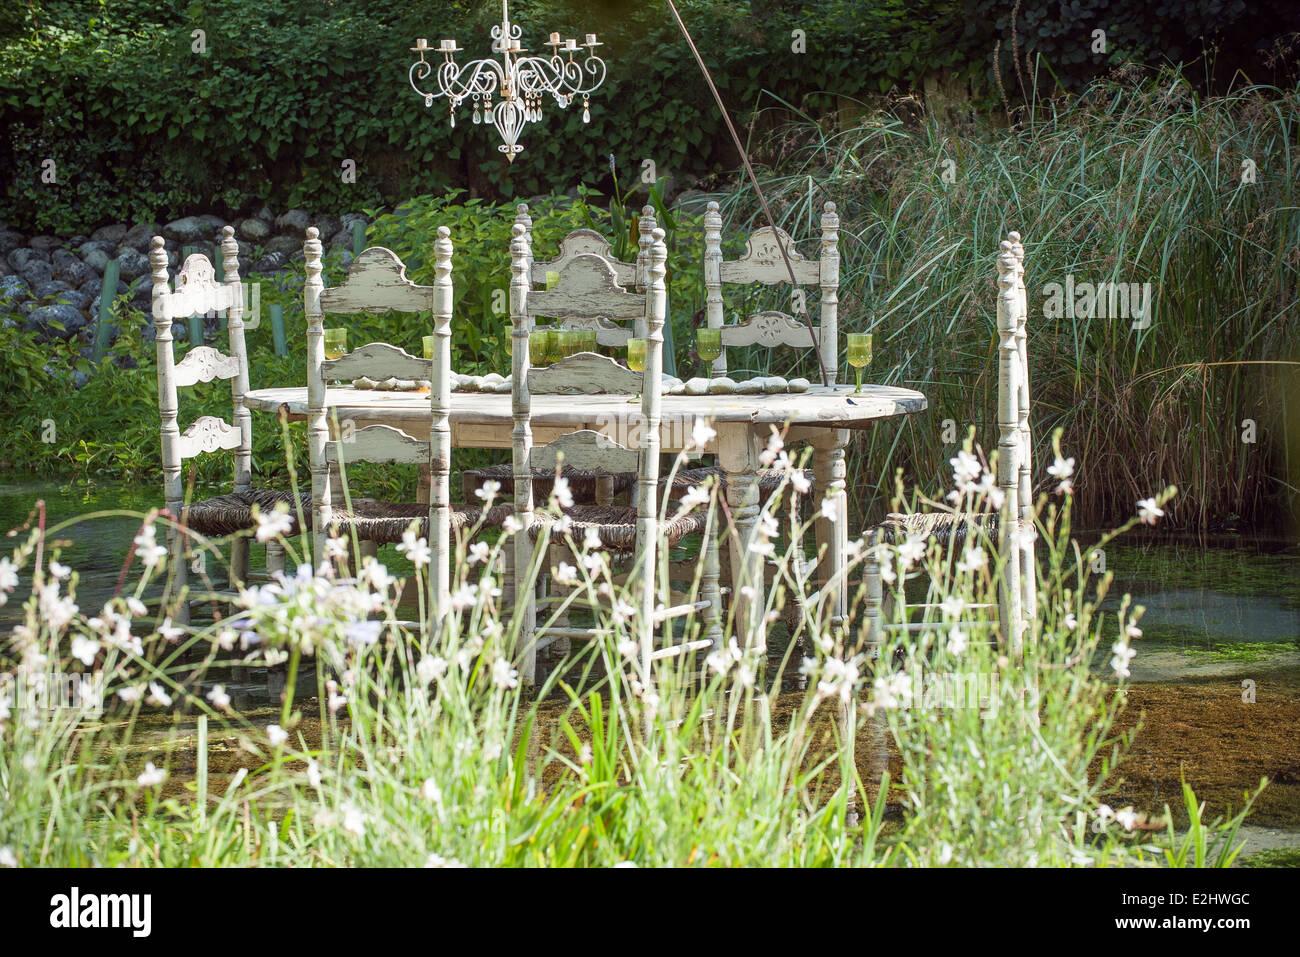 Table et chaises ornées flottant sur l'étang Photo Stock